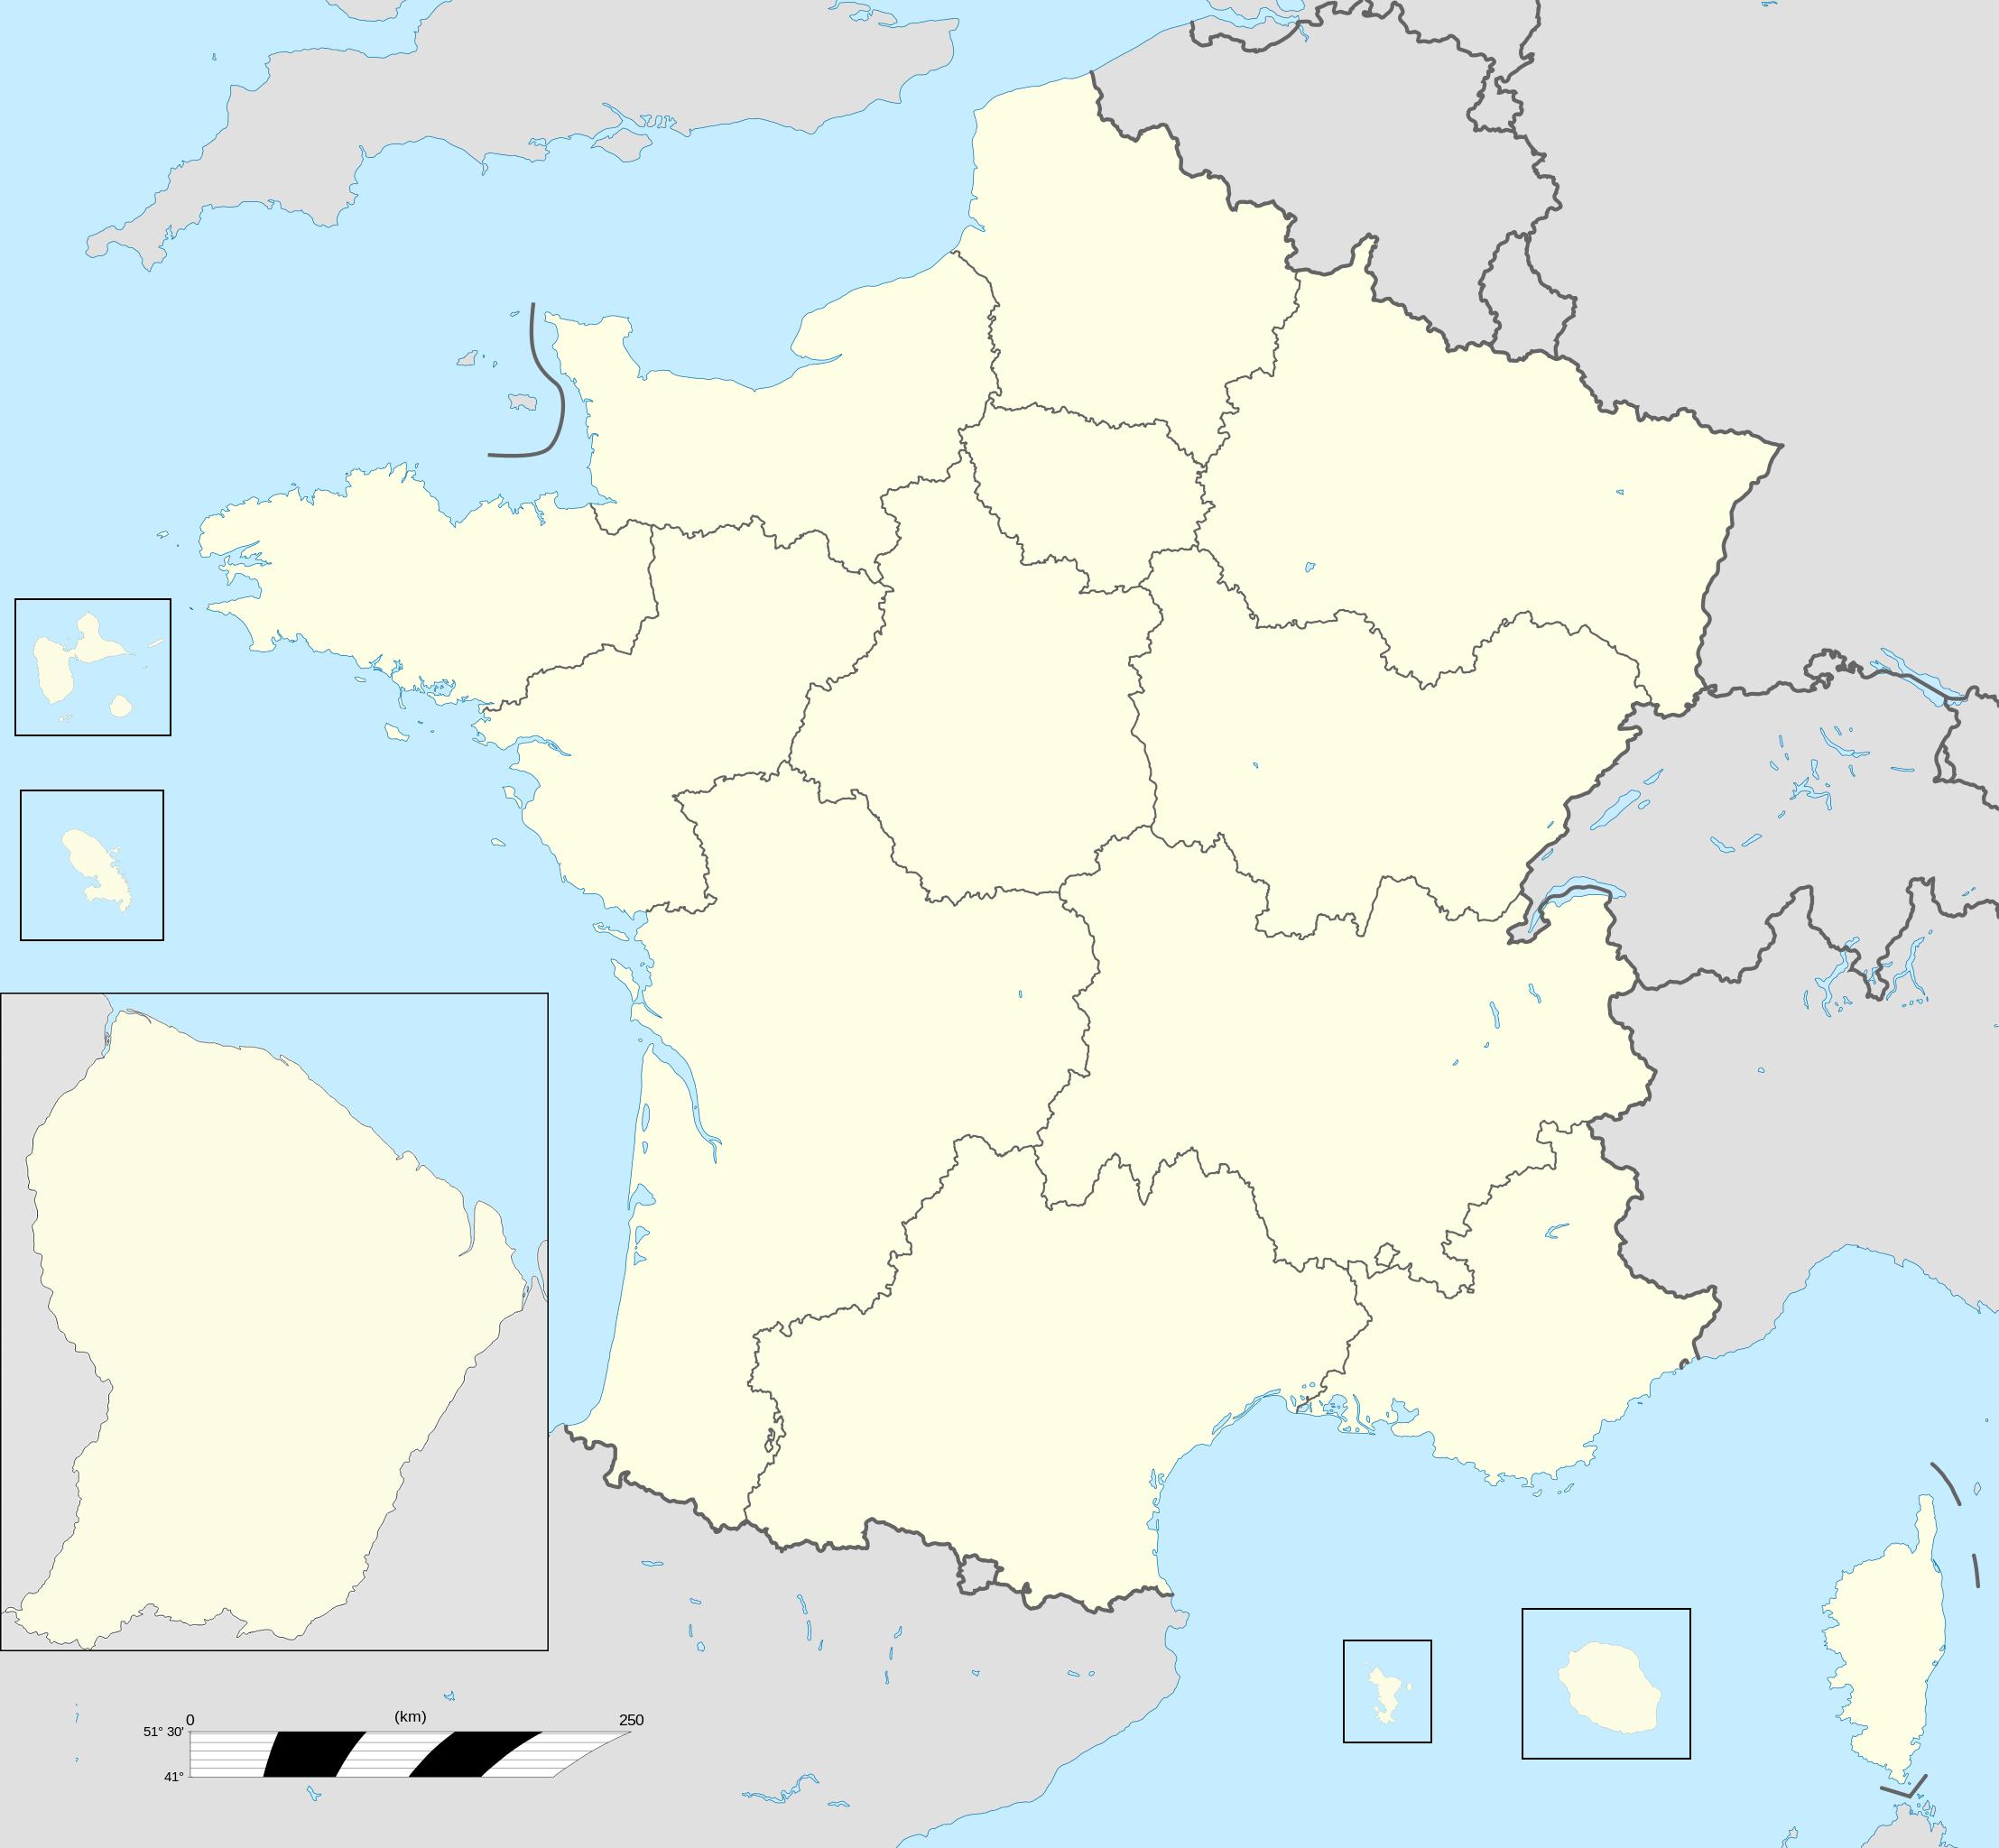 Fransa'nın Bölgeleri - Vikipedi pour Liste Des Régions Françaises